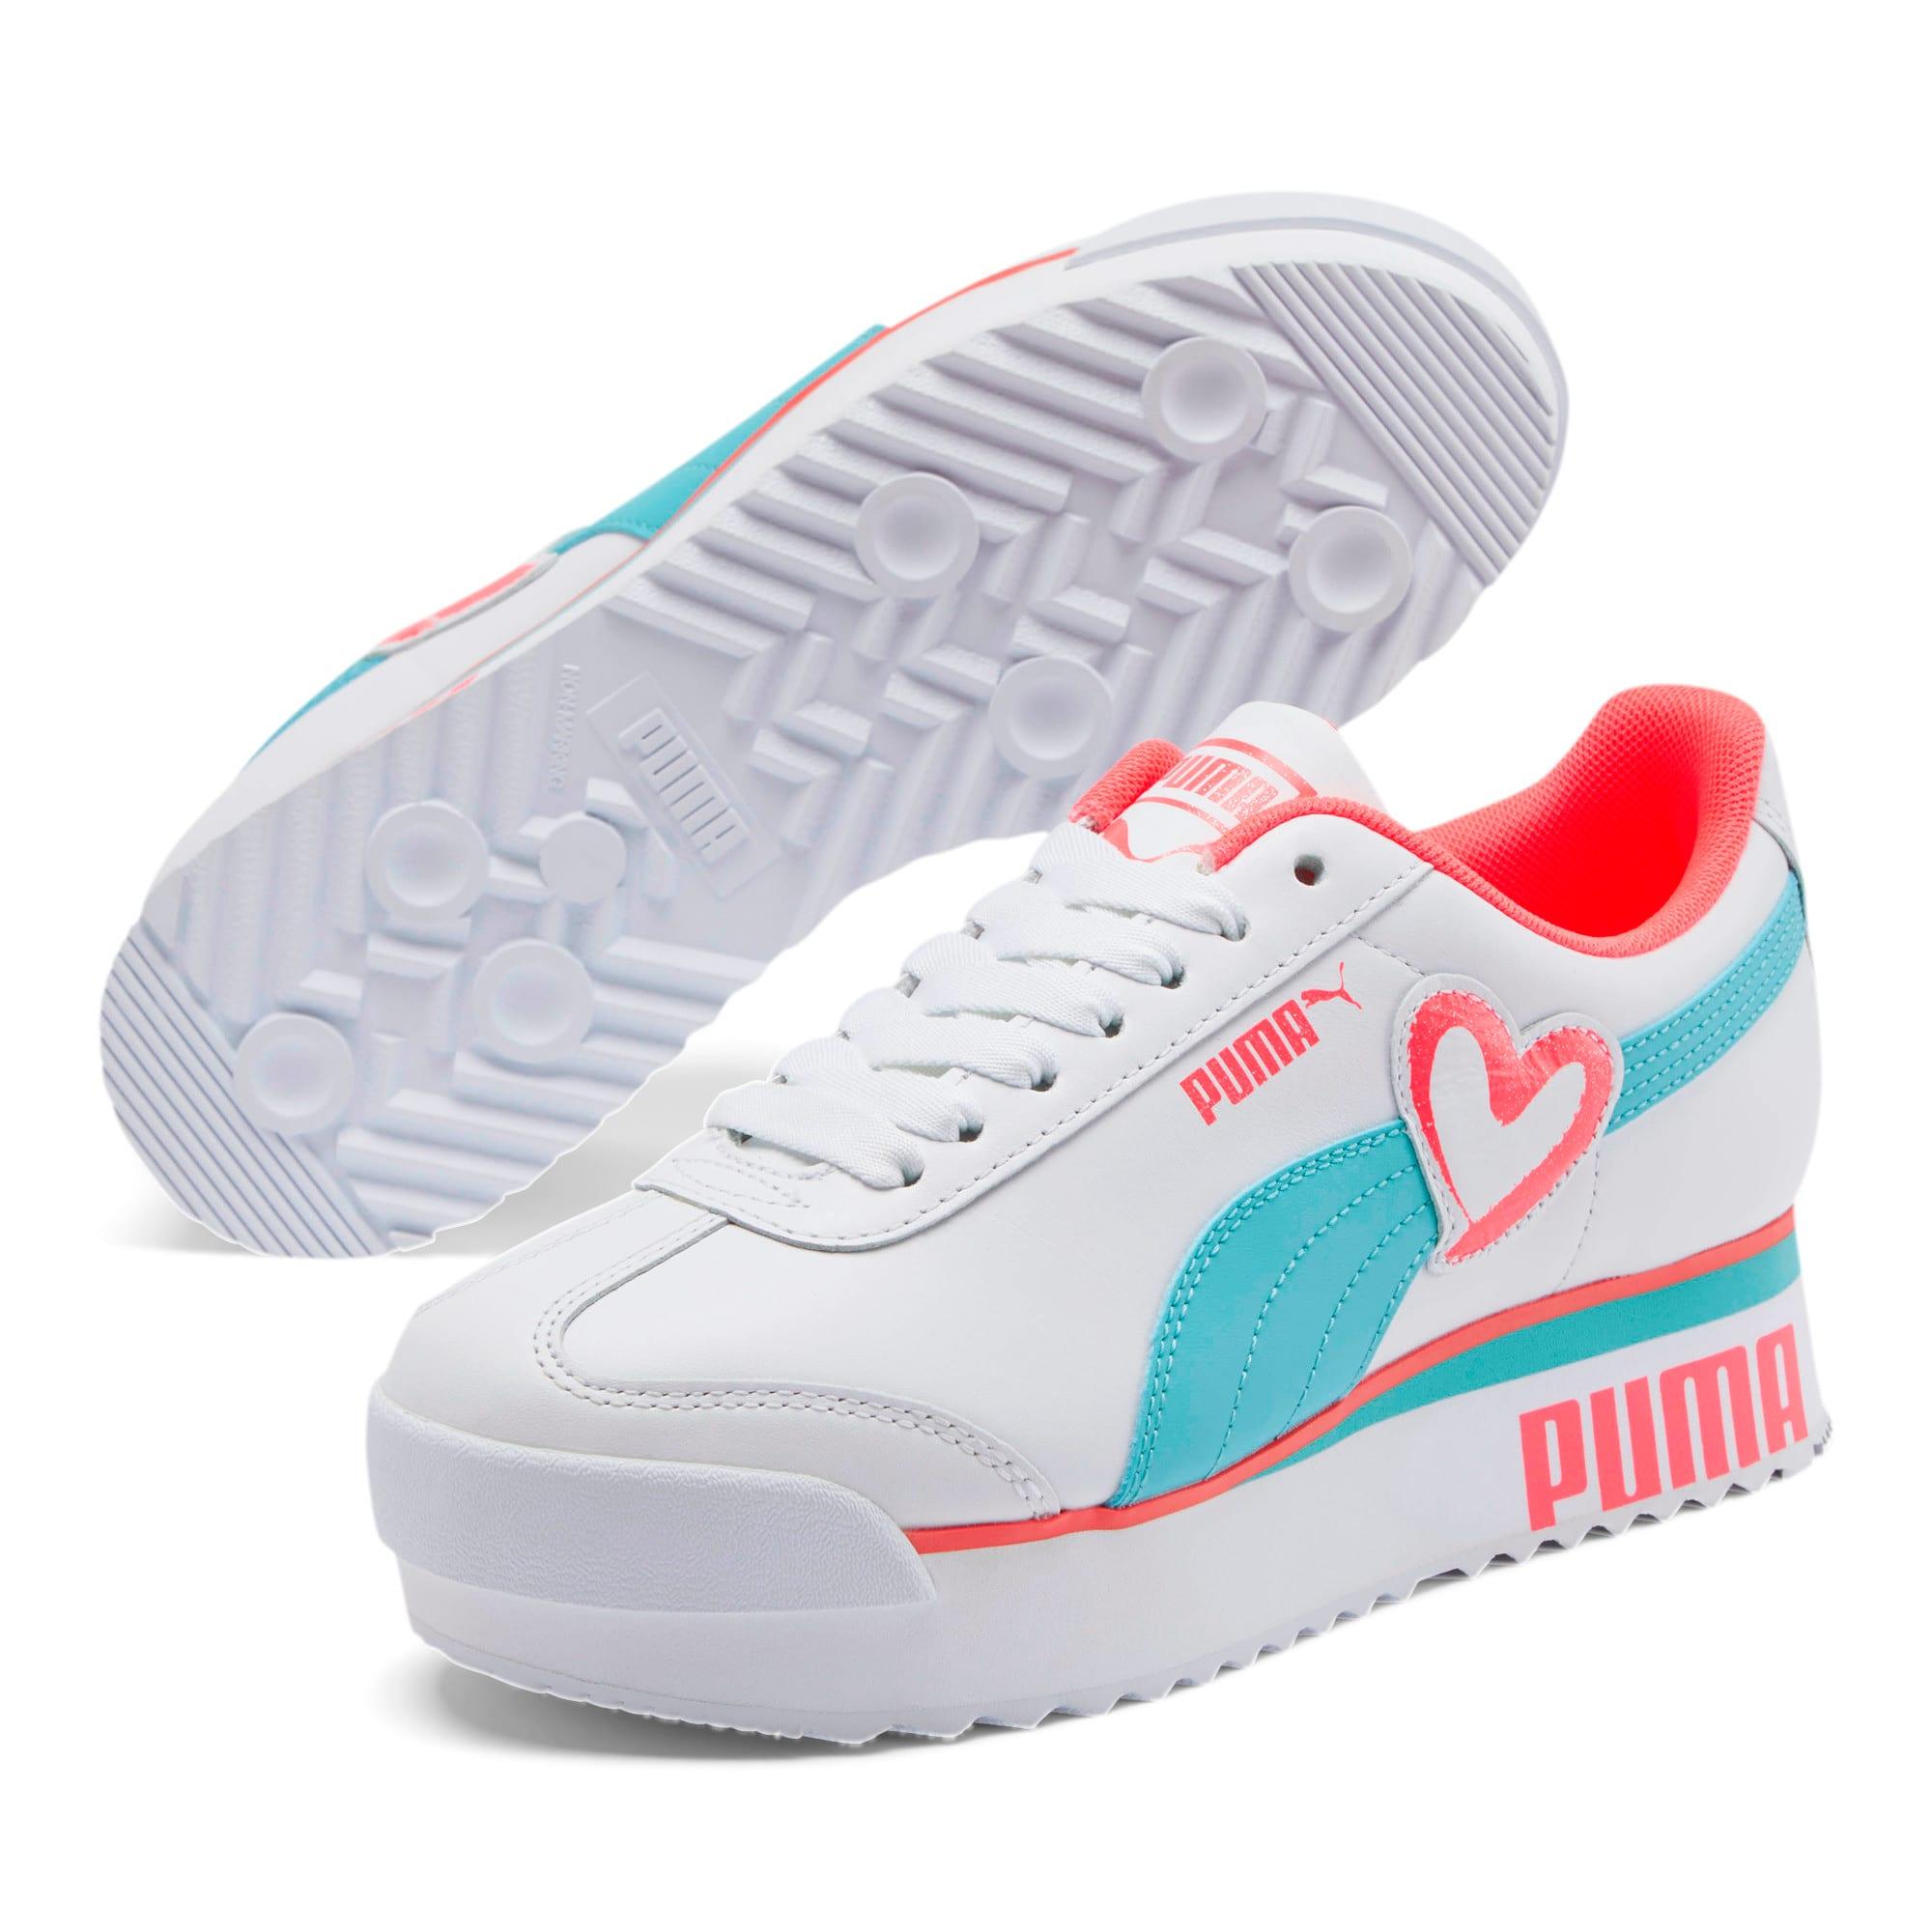 Thumbnail 2 of Roma Amor Heart Women's Sneakers, White-Milky Blue-Pink Alert, medium